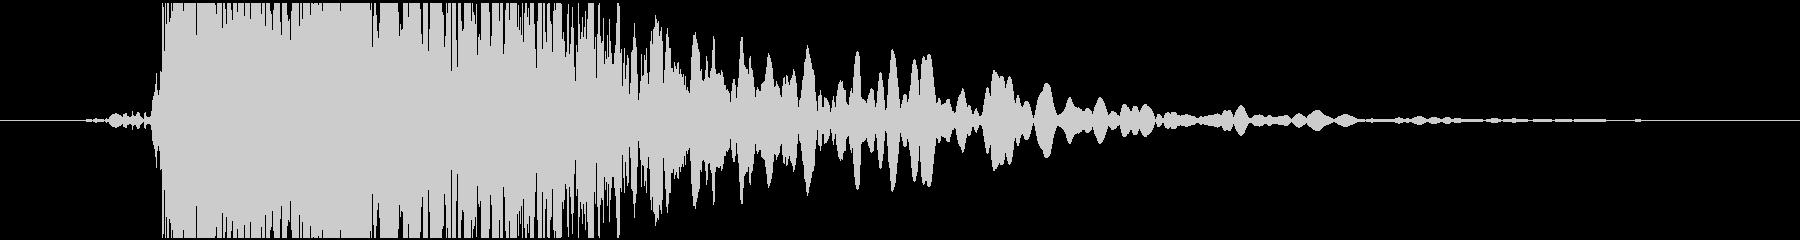 金属への影響:低騒音の未再生の波形